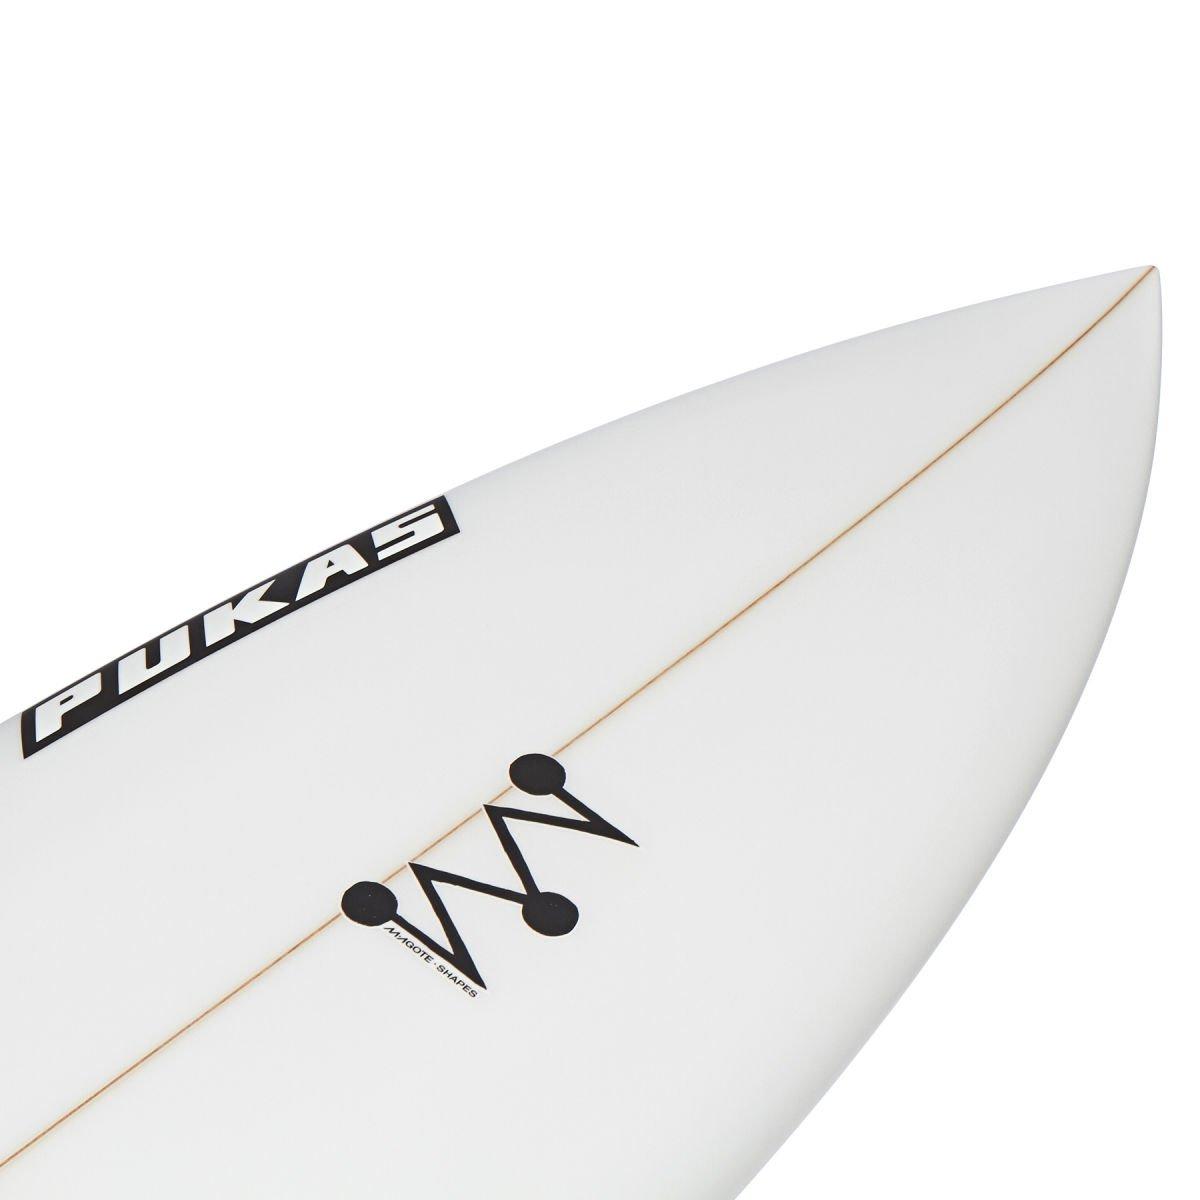 Tabla Pukas Sandball FCSII - blanco Blanco blanco Talla:5ft 11: Amazon.es: Deportes y aire libre